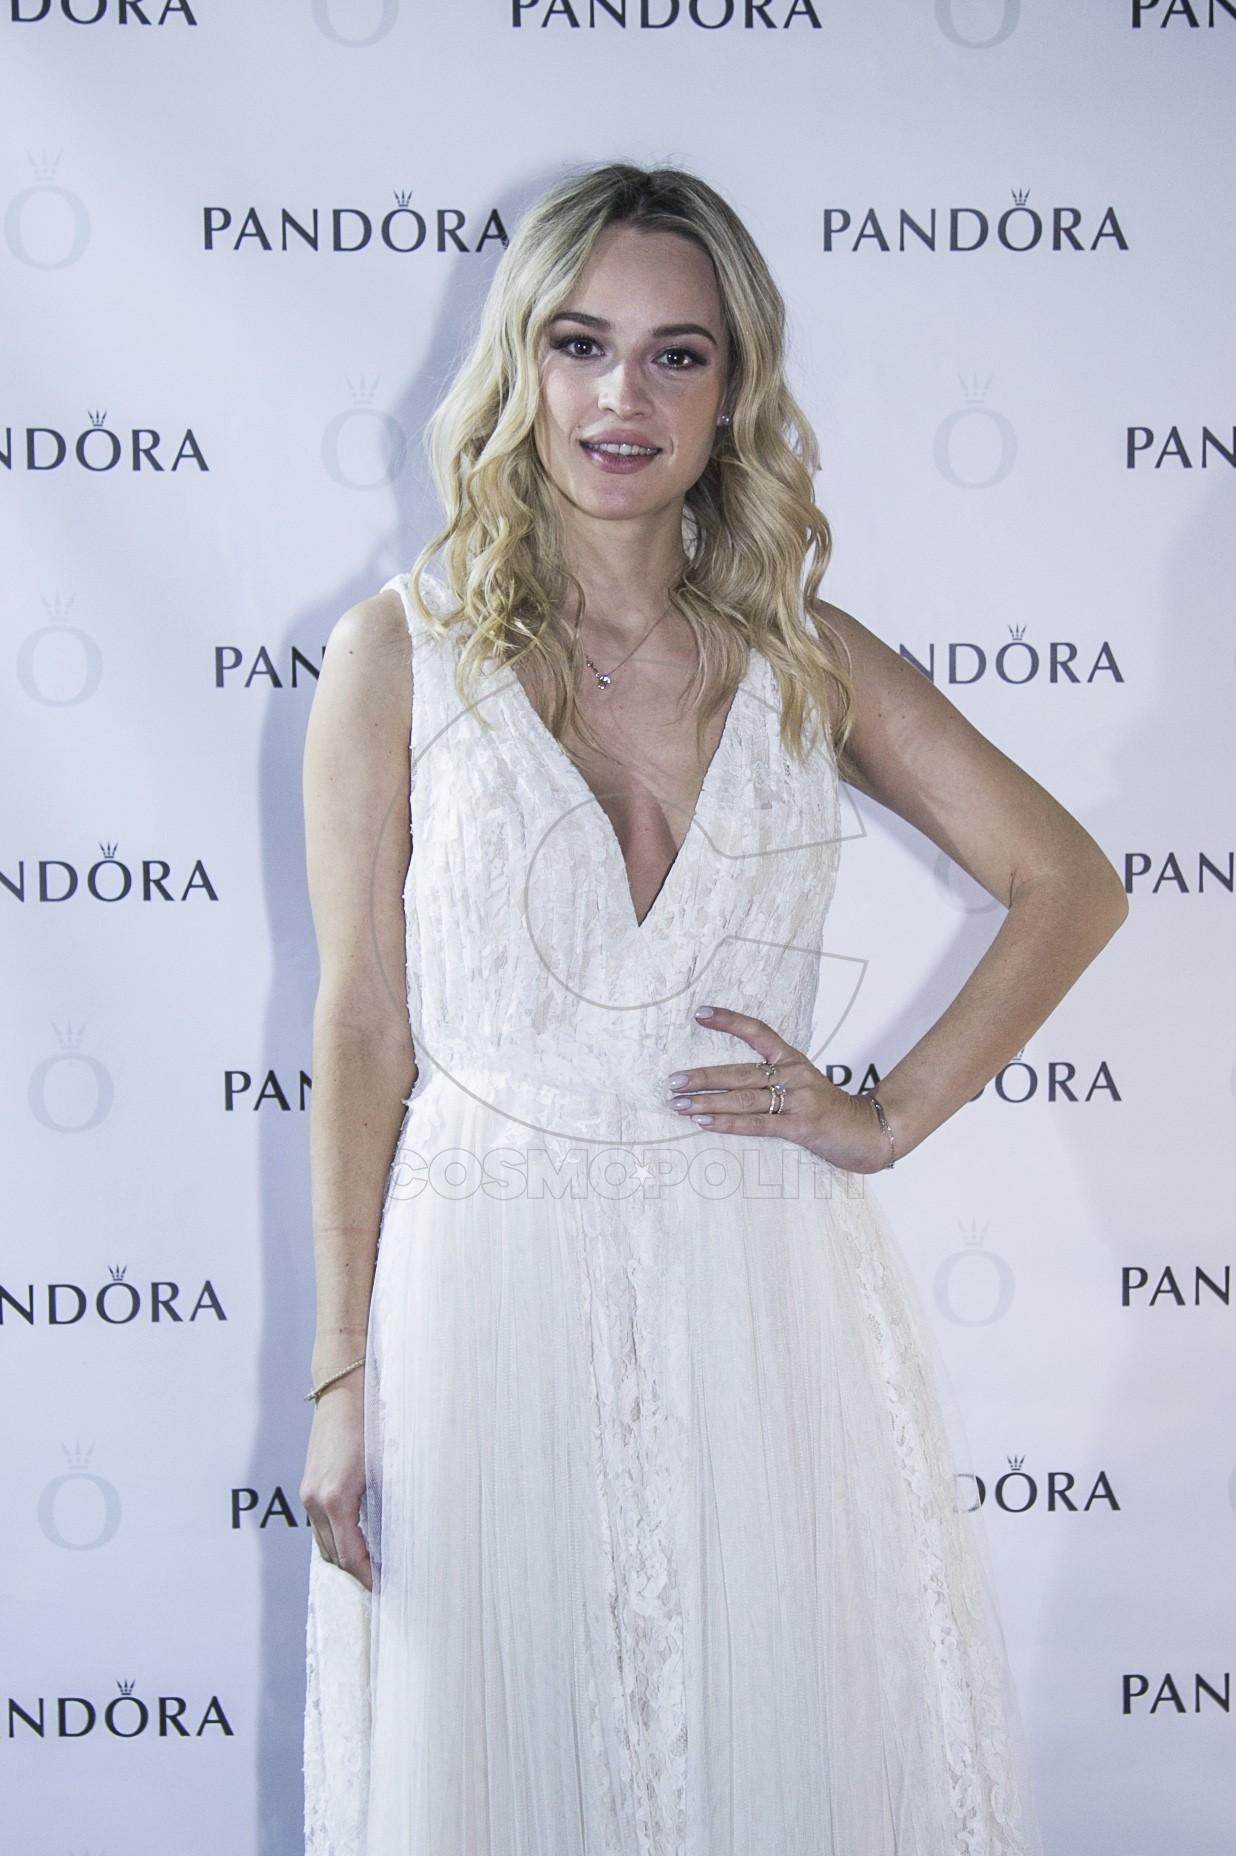 PANDORA (26)